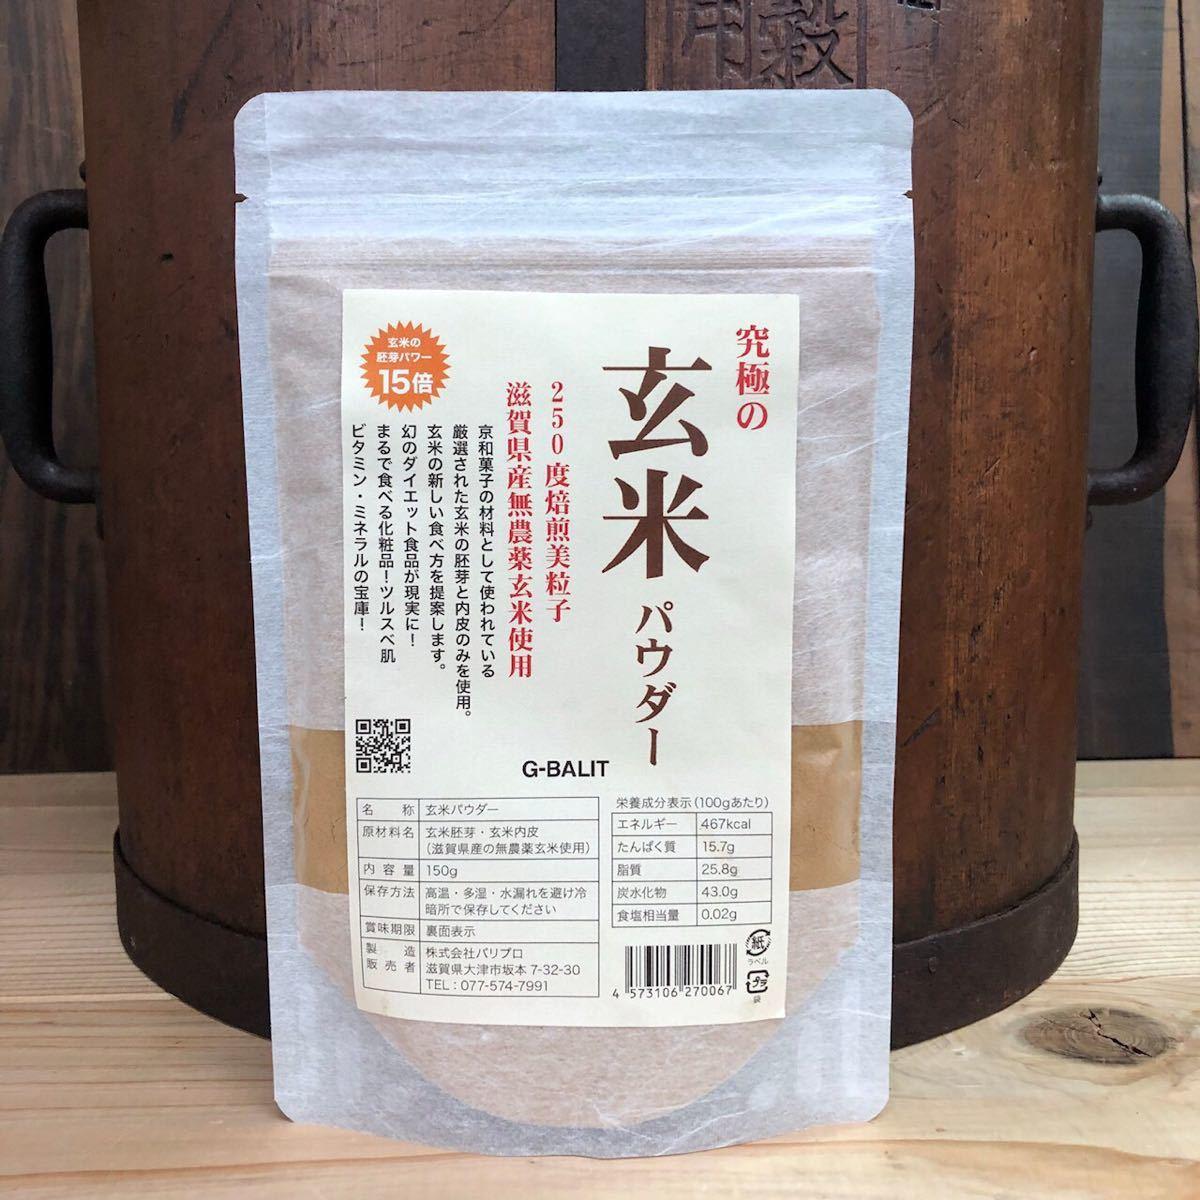 究極の玄米パウダー 500g 美粒子タイプ 滋賀県産無農薬近江米使用 玄米 玄米粉 UP HADOO 無添加 無着色 無香料 無糖_画像1